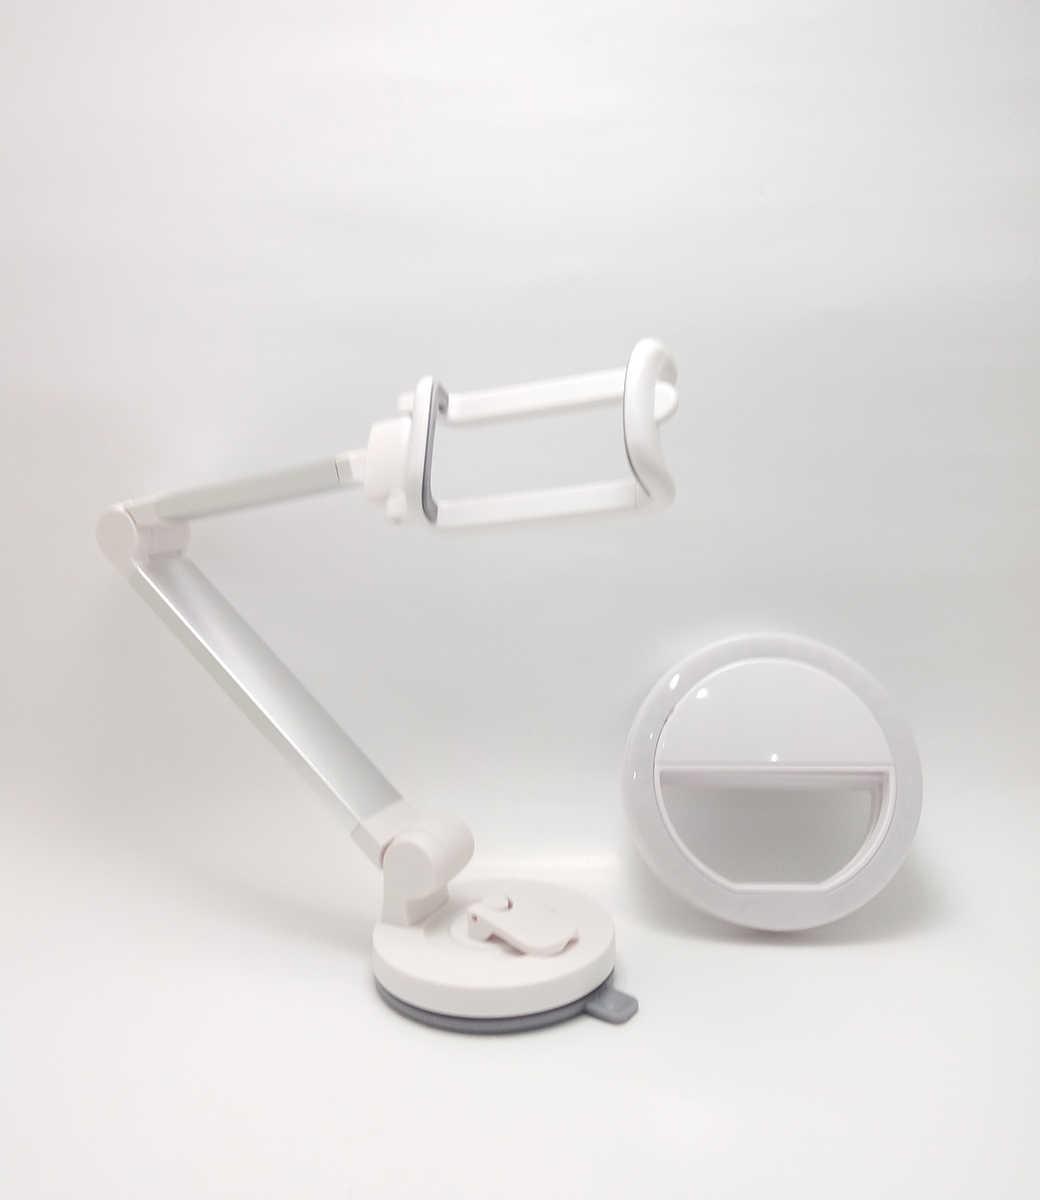 【直播神器】支架補光燈組合